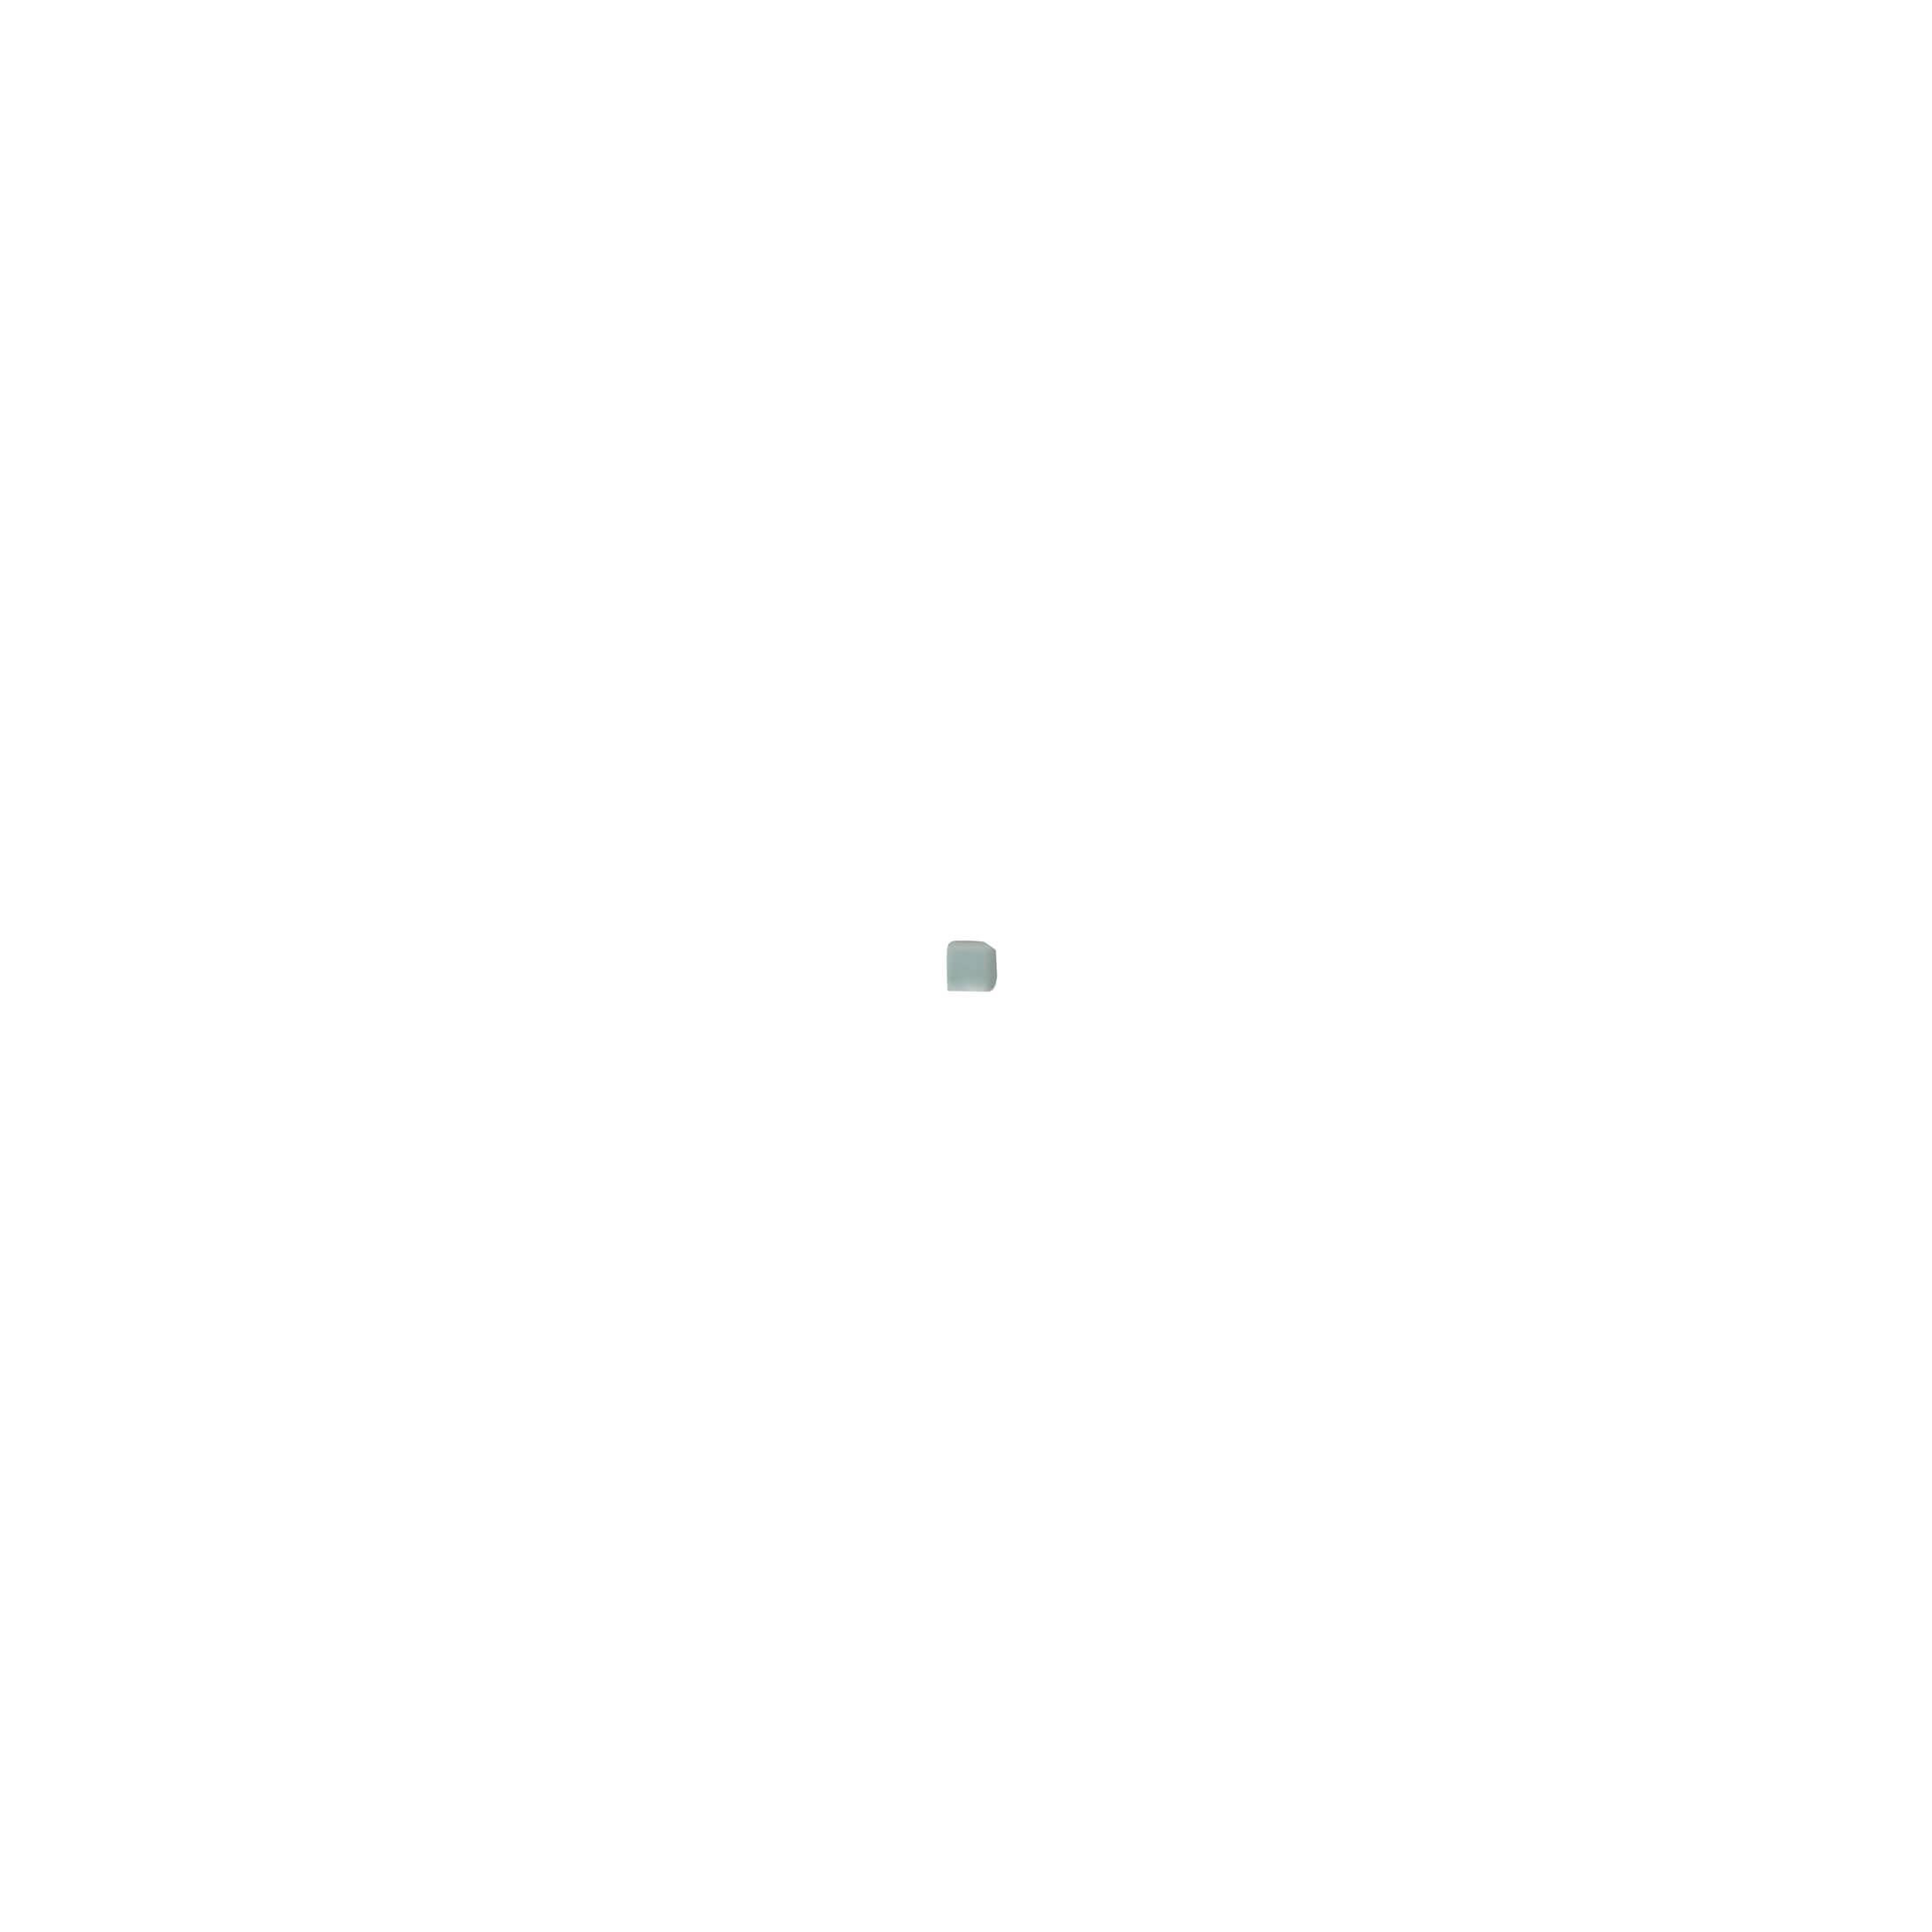 ADNE5637 - ANGULO BULLNOSE TRIM